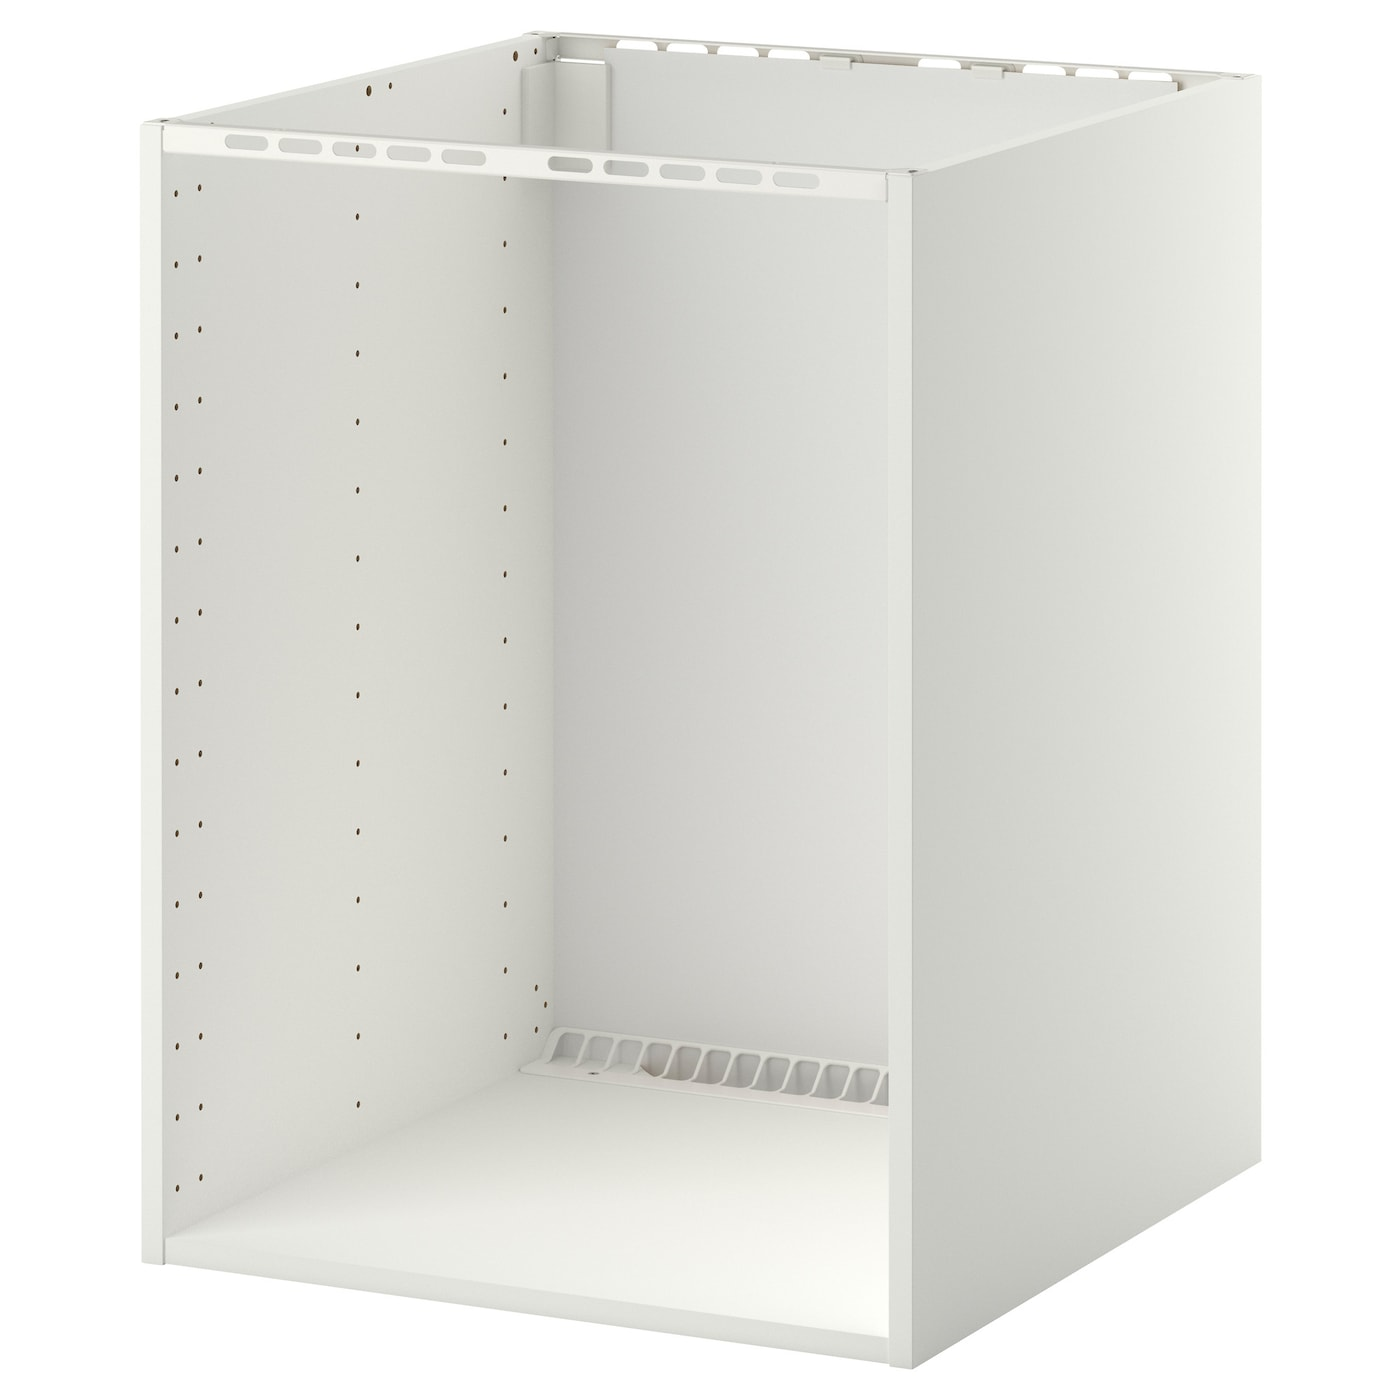 Meuble Sous Plaque Four Ikea metod Élément bas pr four/évier encastré - blanc 60x60x80 cm